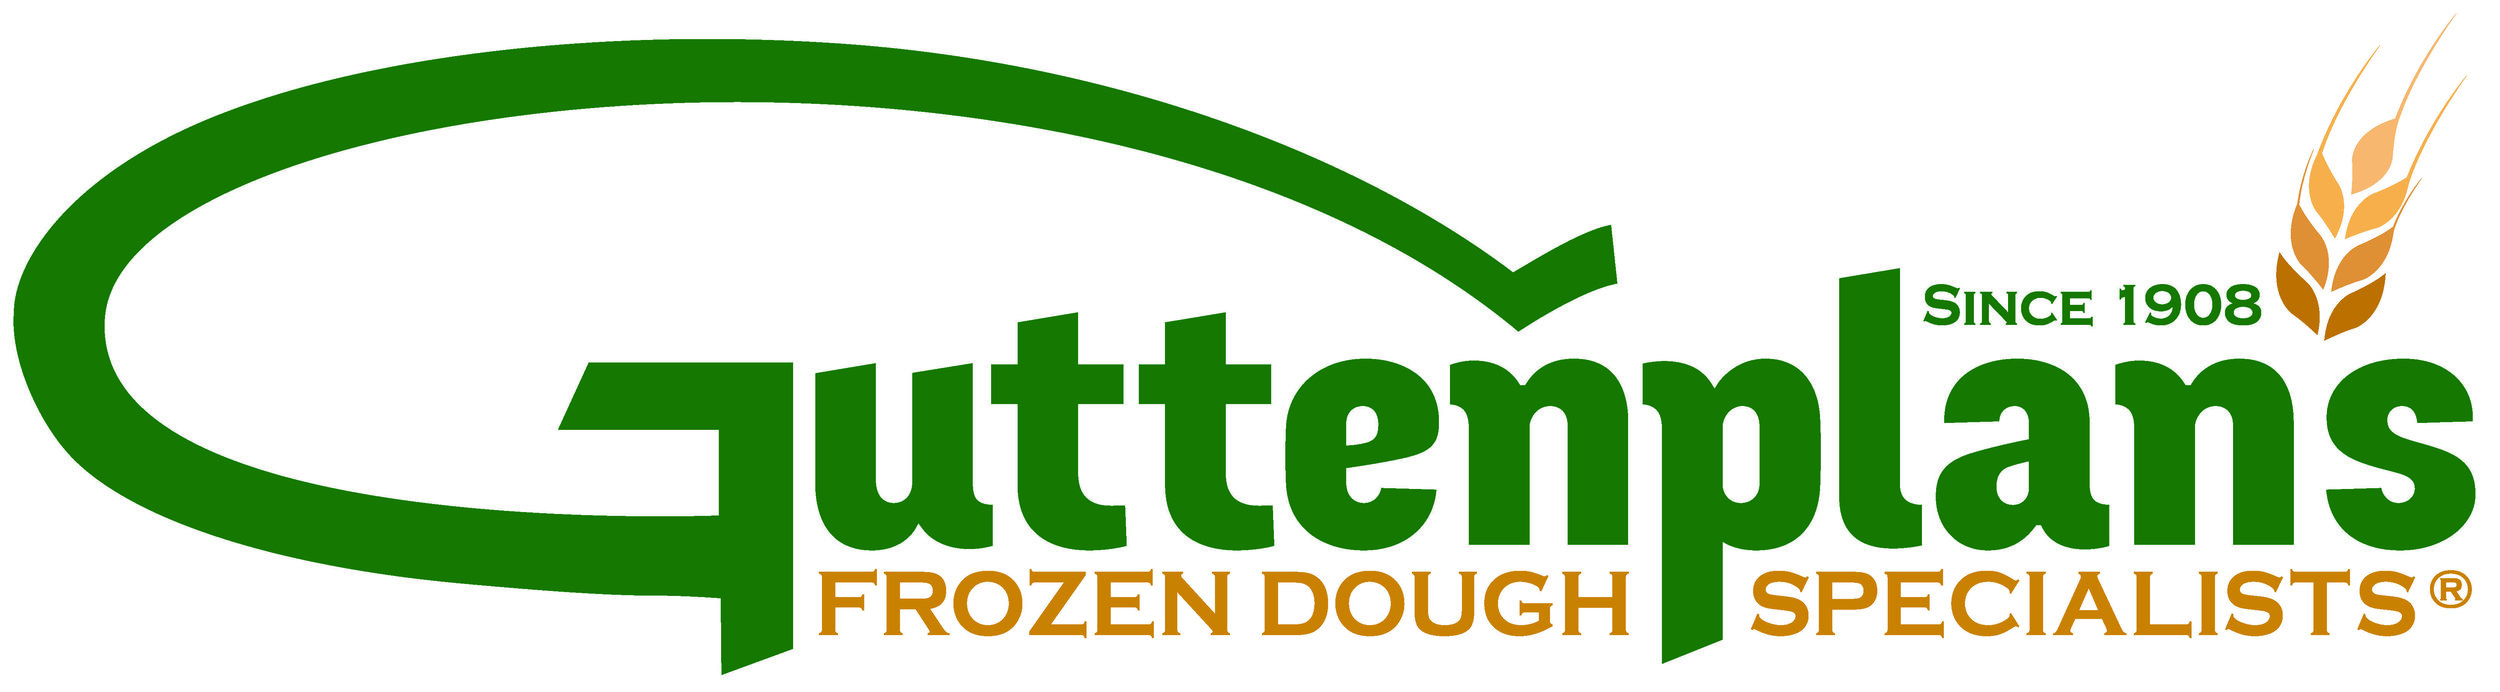 Guttenplan's Logo.jpg